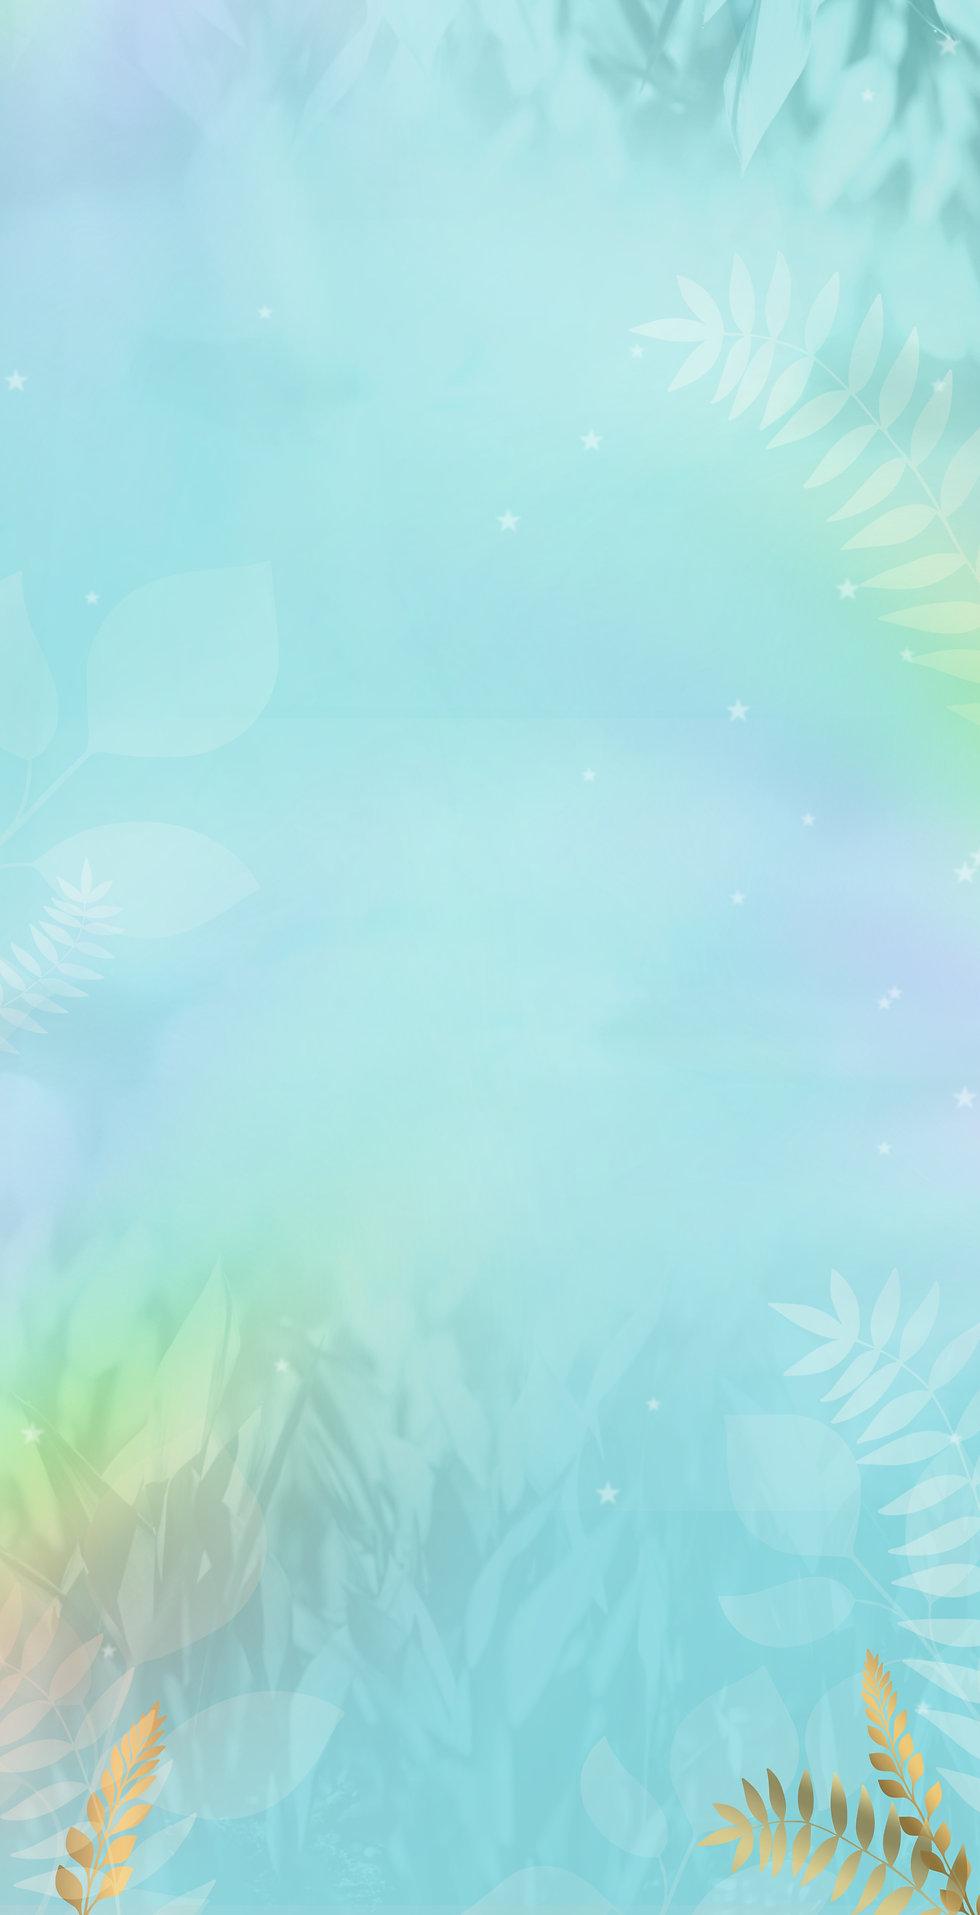 Fairy Life -  Anais Culoma - Event.jpg